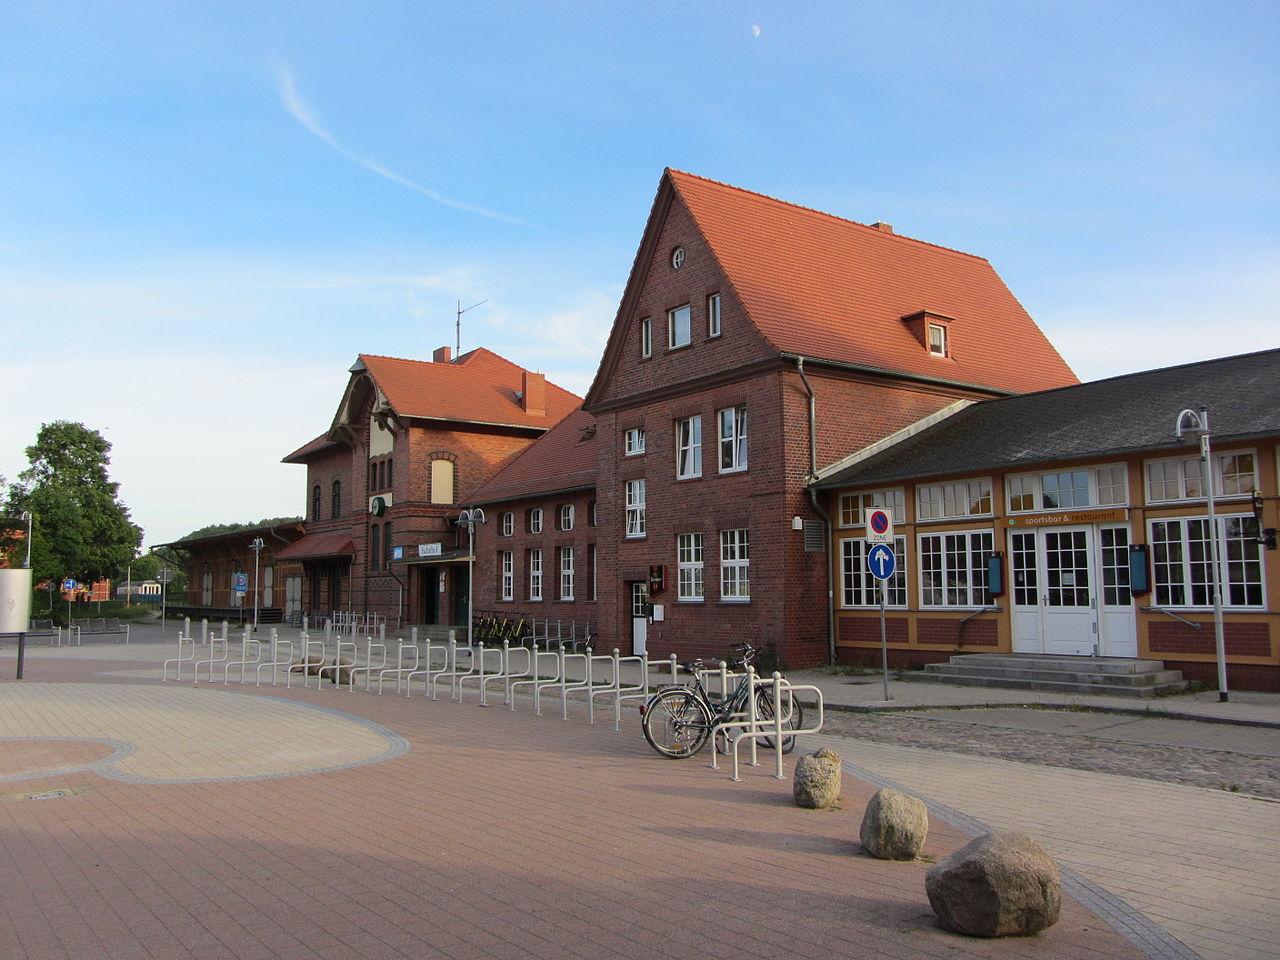 Bild Bahnhof Seebad Ahlbeck